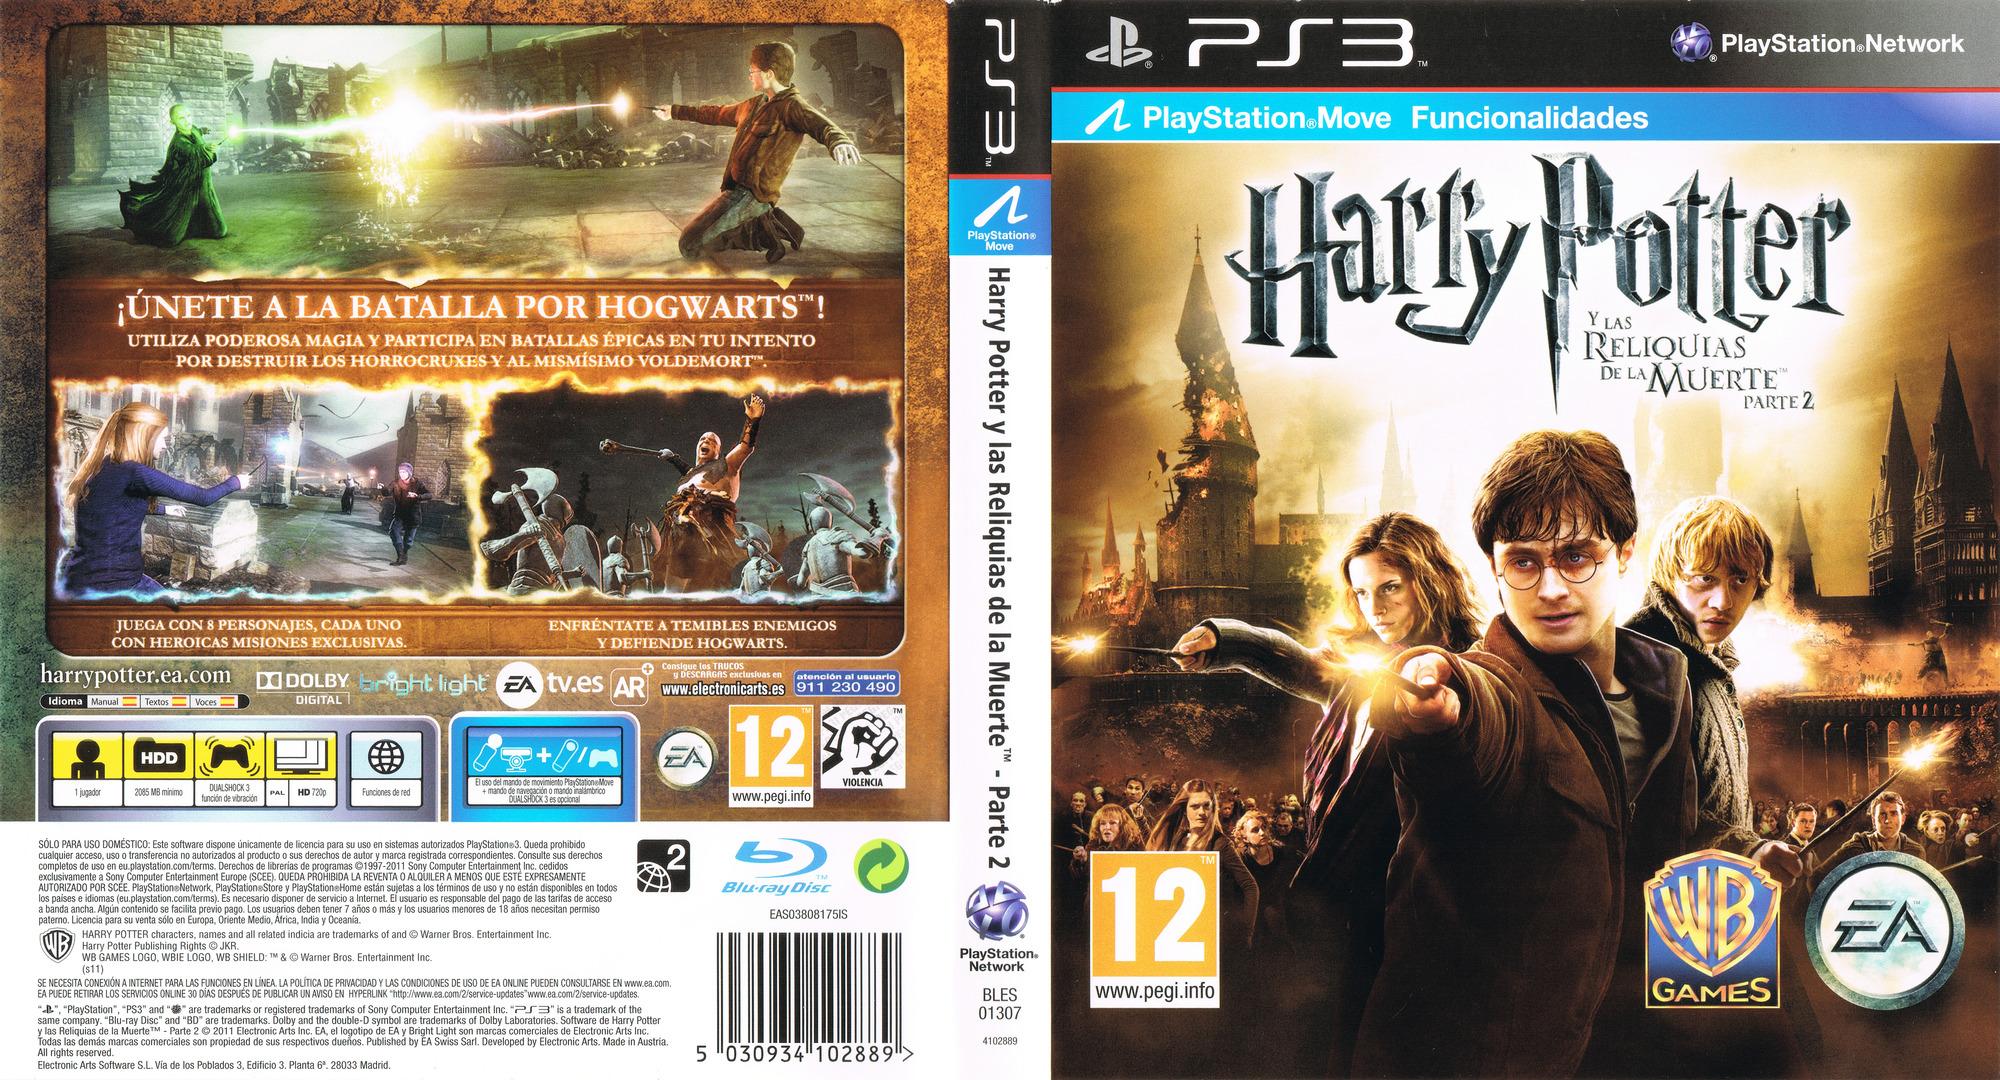 Harry Potter y Las Reliquias De La Muerte - Parte 2 PS3 coverfullHQ (BLES01307)